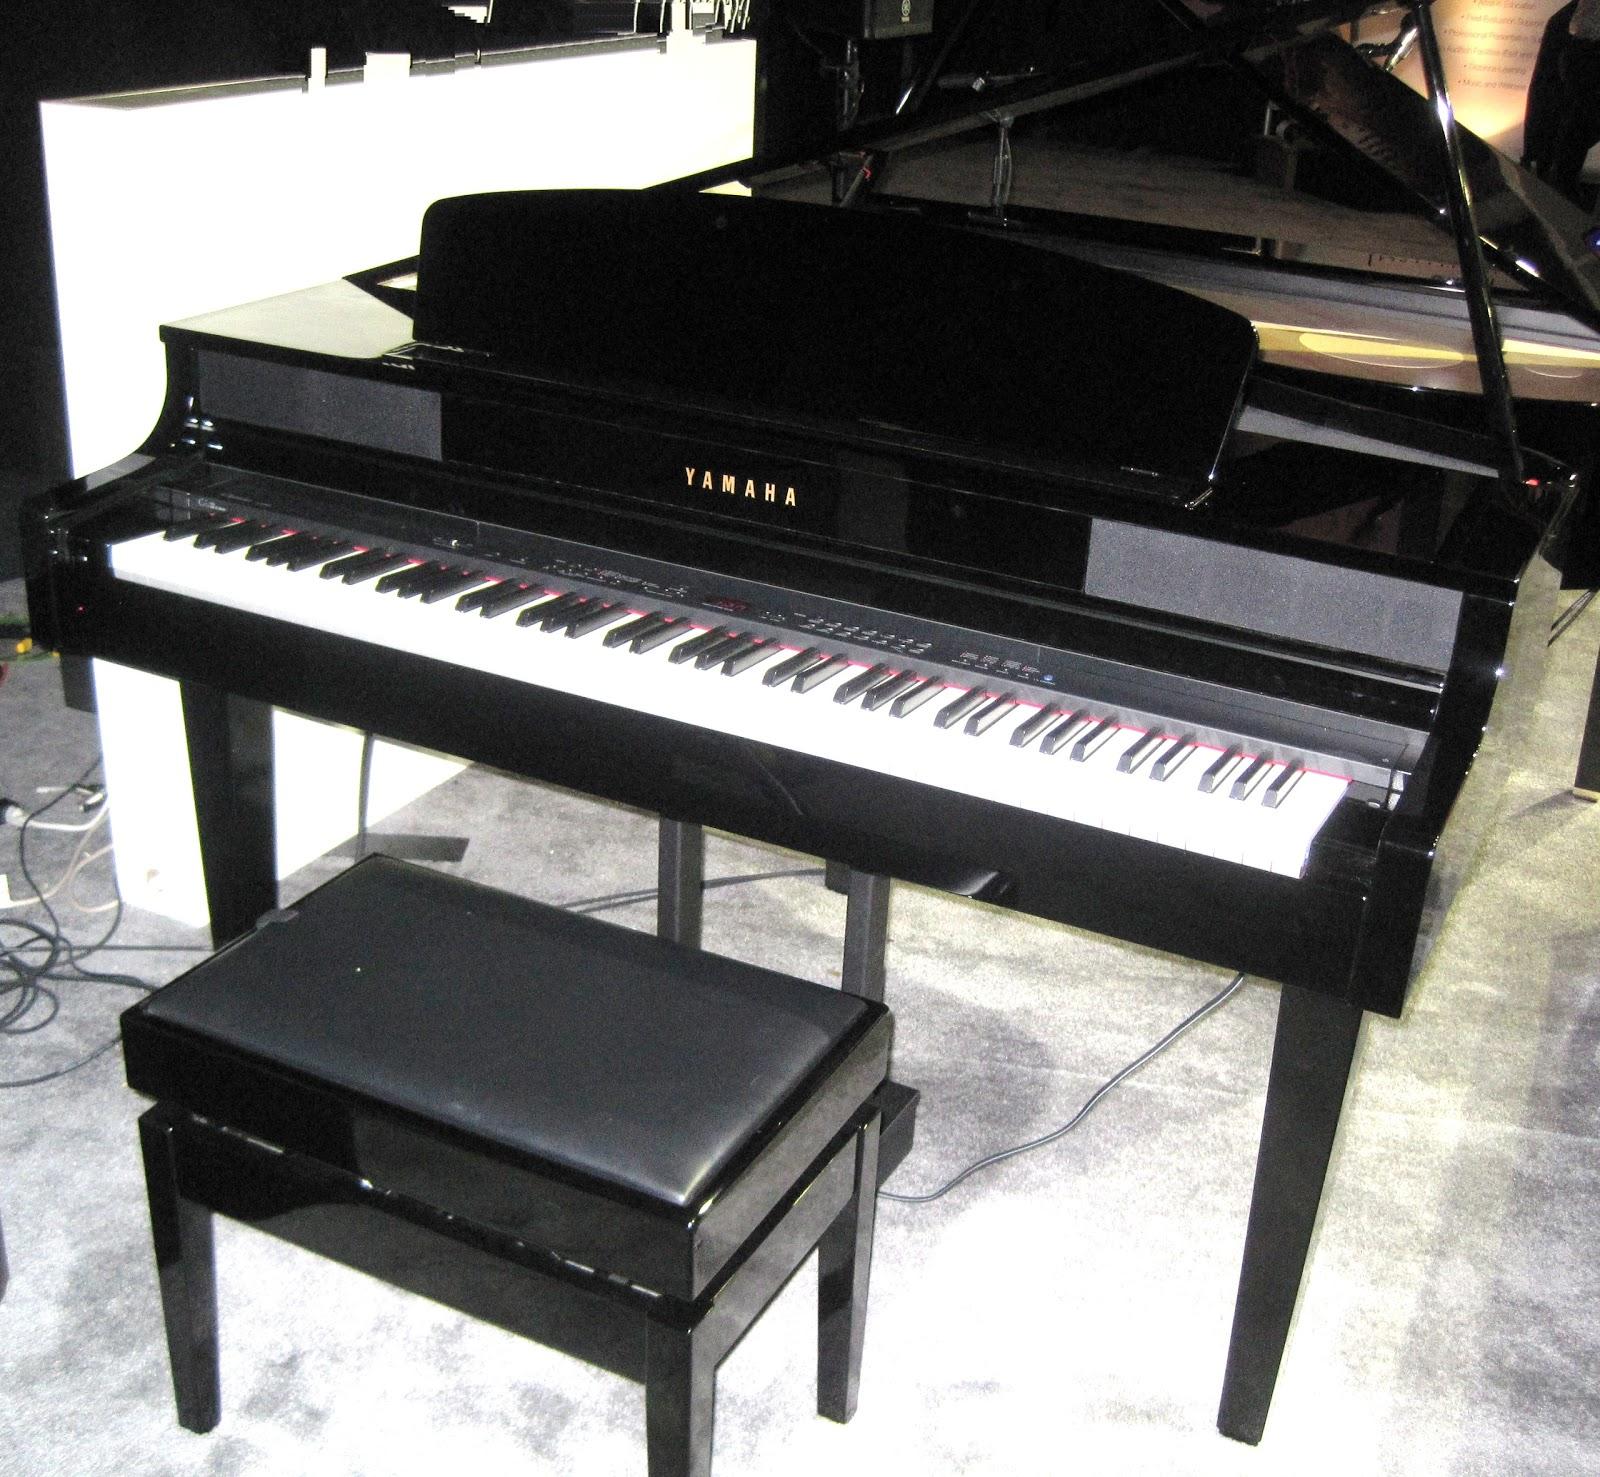 AZ PIANO REVIEWS